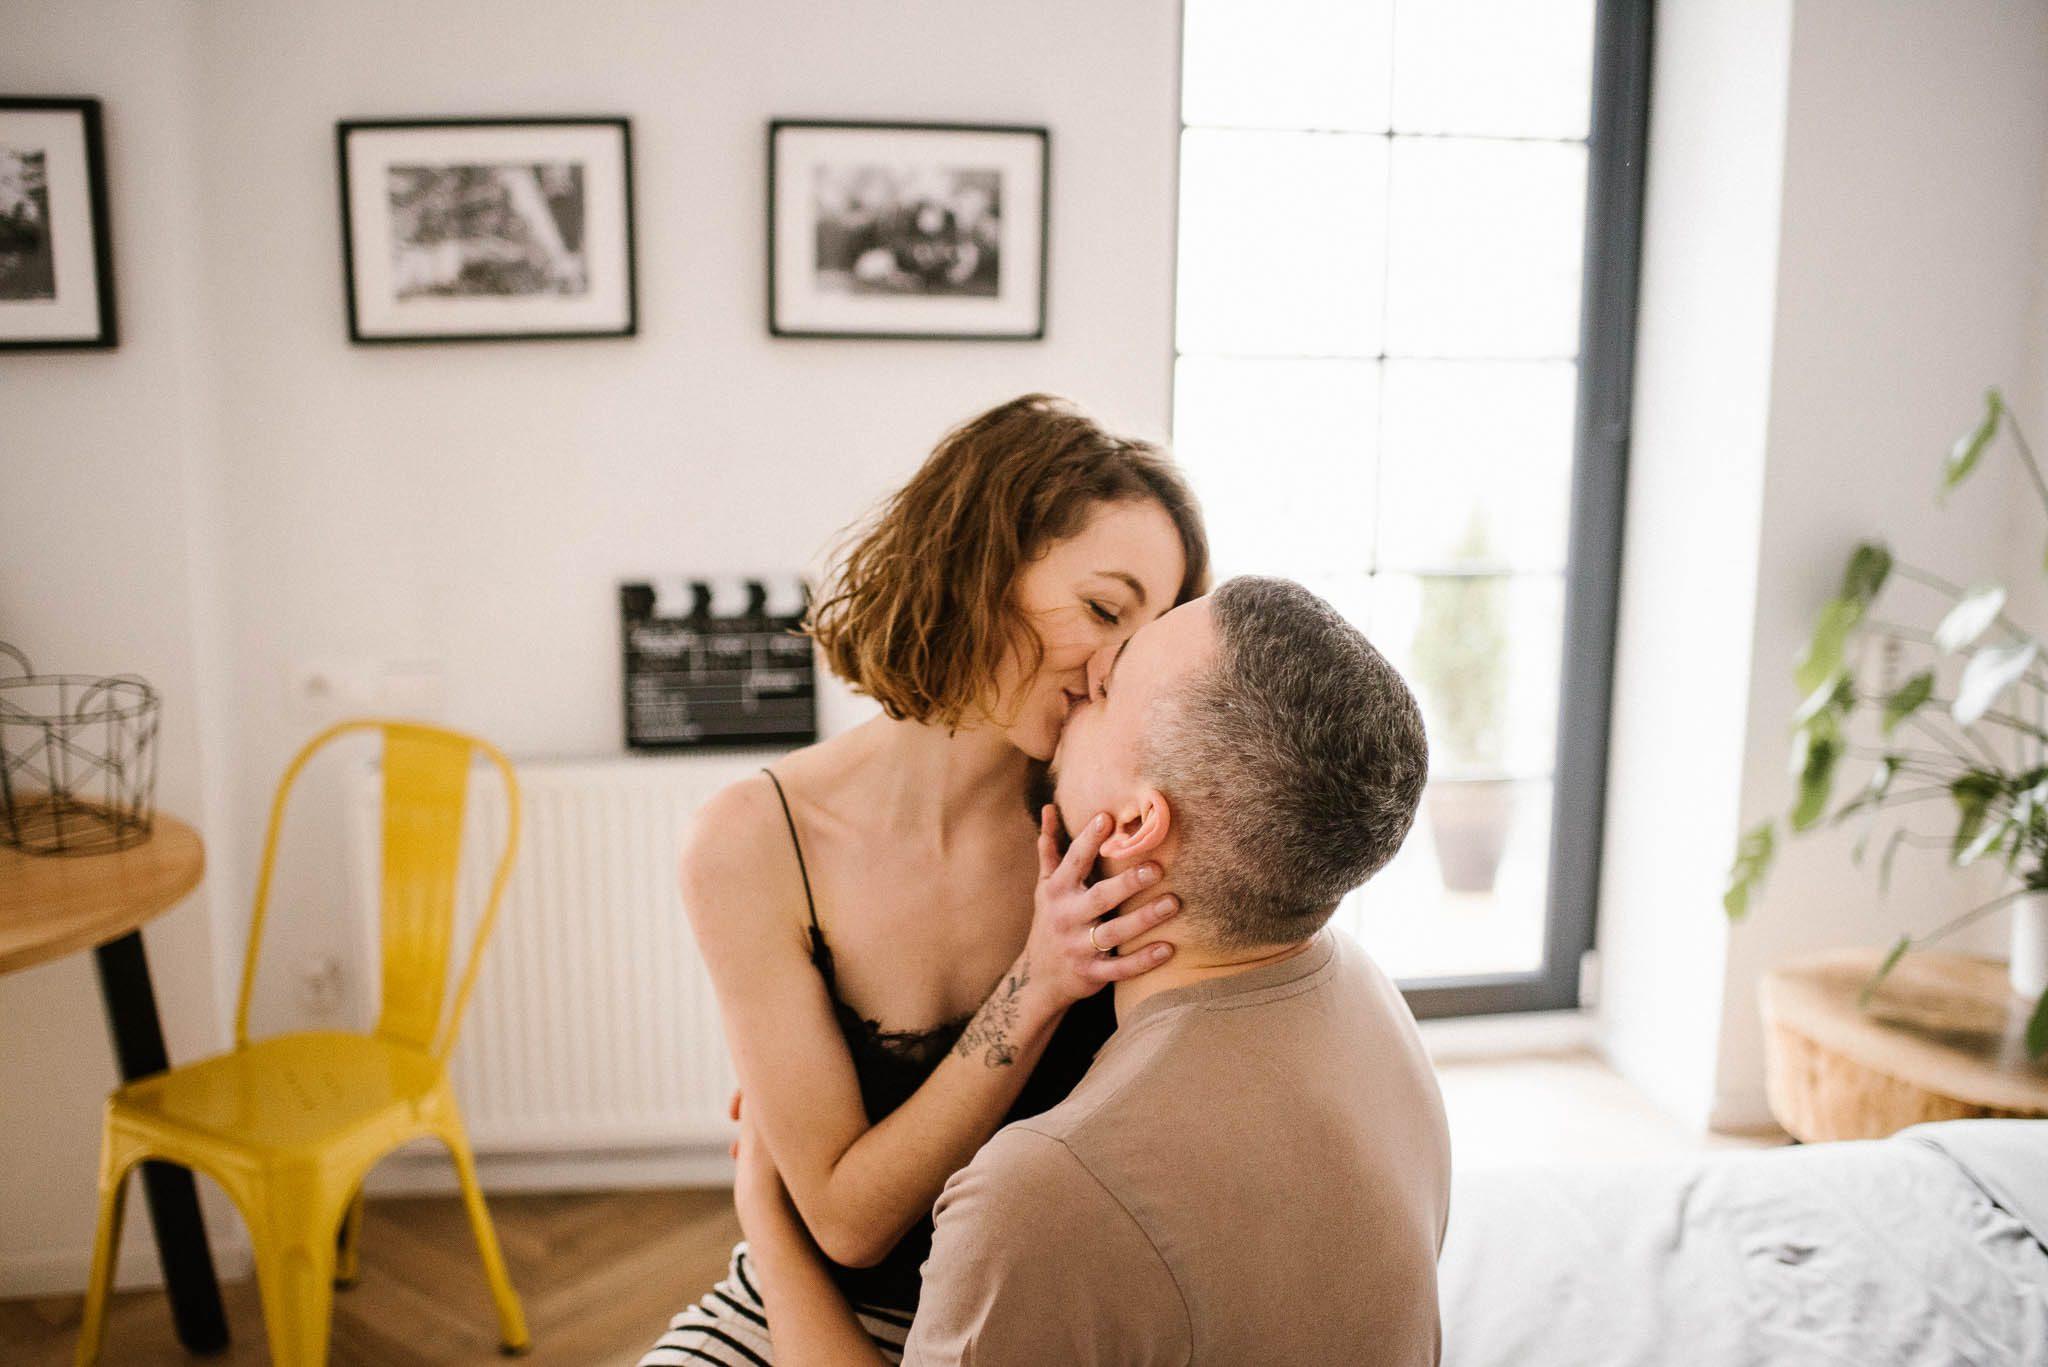 Para siedzi na łóżku i się całuje - sesja sensualna pary lifestyle w Poznaniu